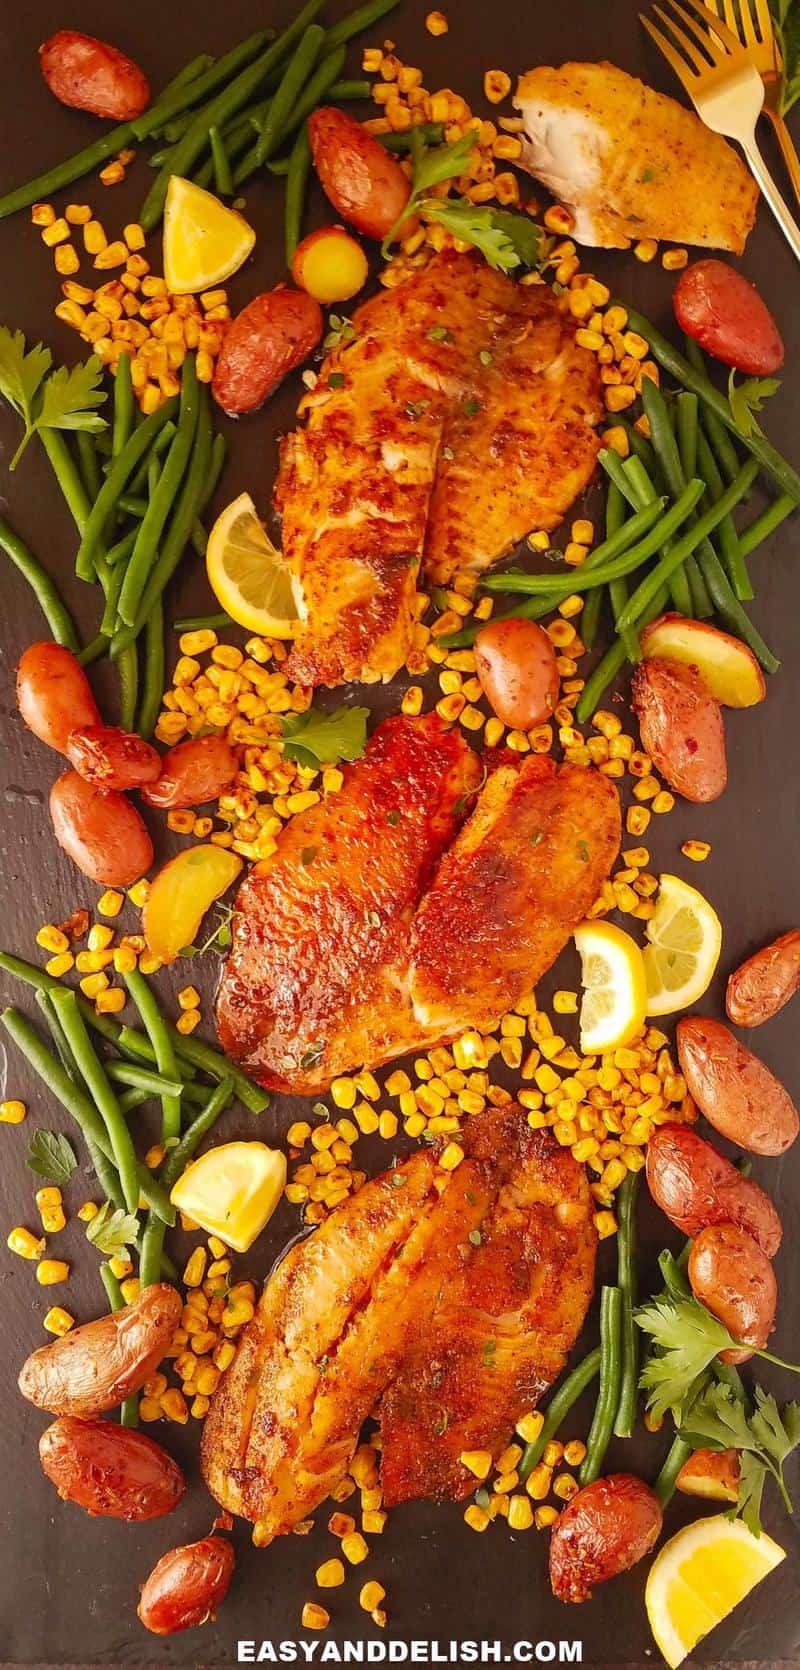 filés de peixe frito com vegetais